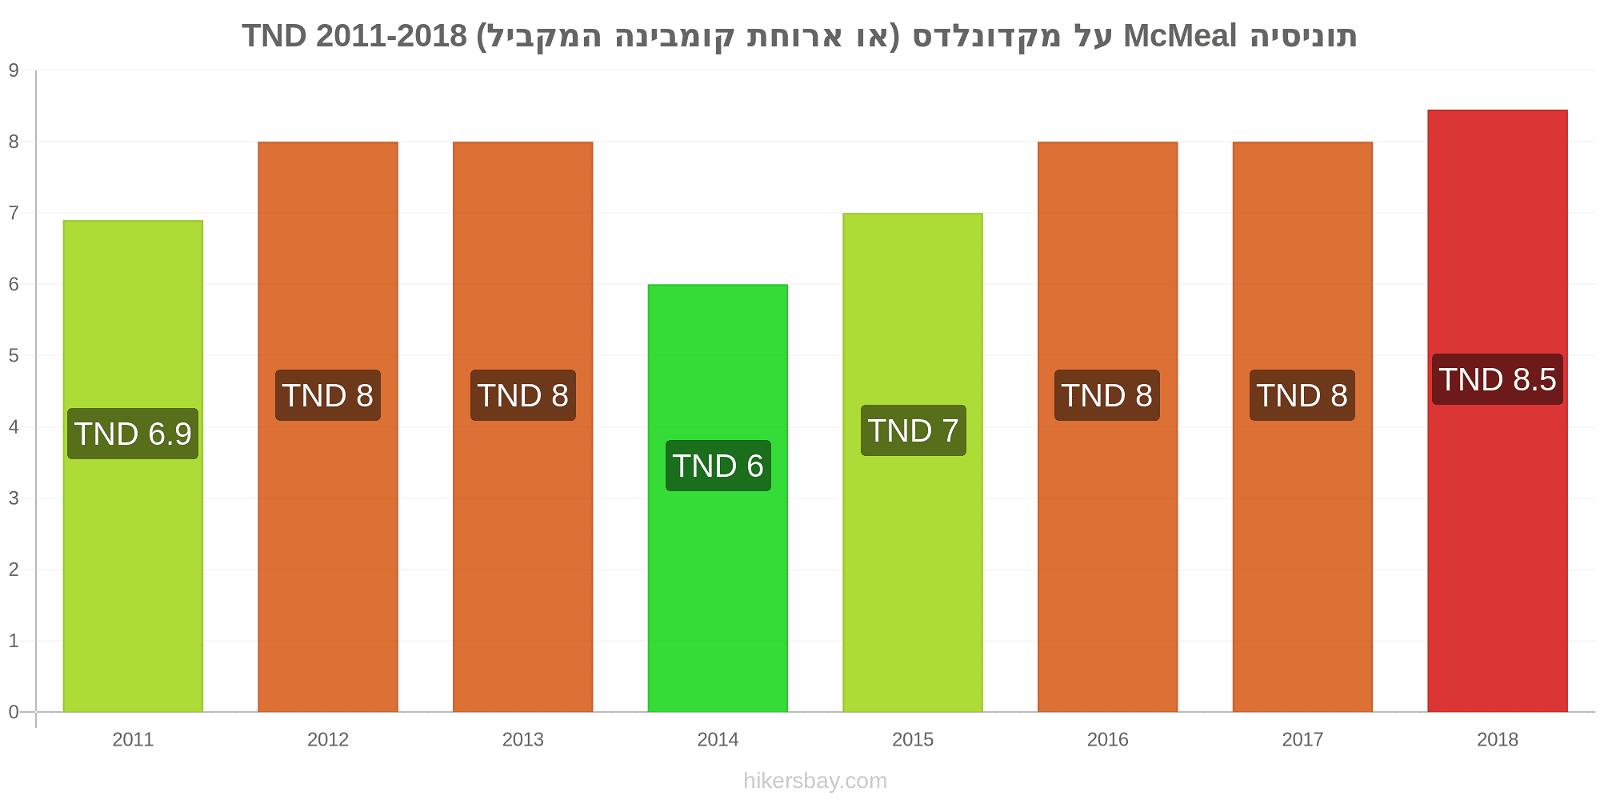 תוניסיה שינויי מחירים McMeal על מקדונלדס (או ארוחת קומבינה המקביל) hikersbay.com